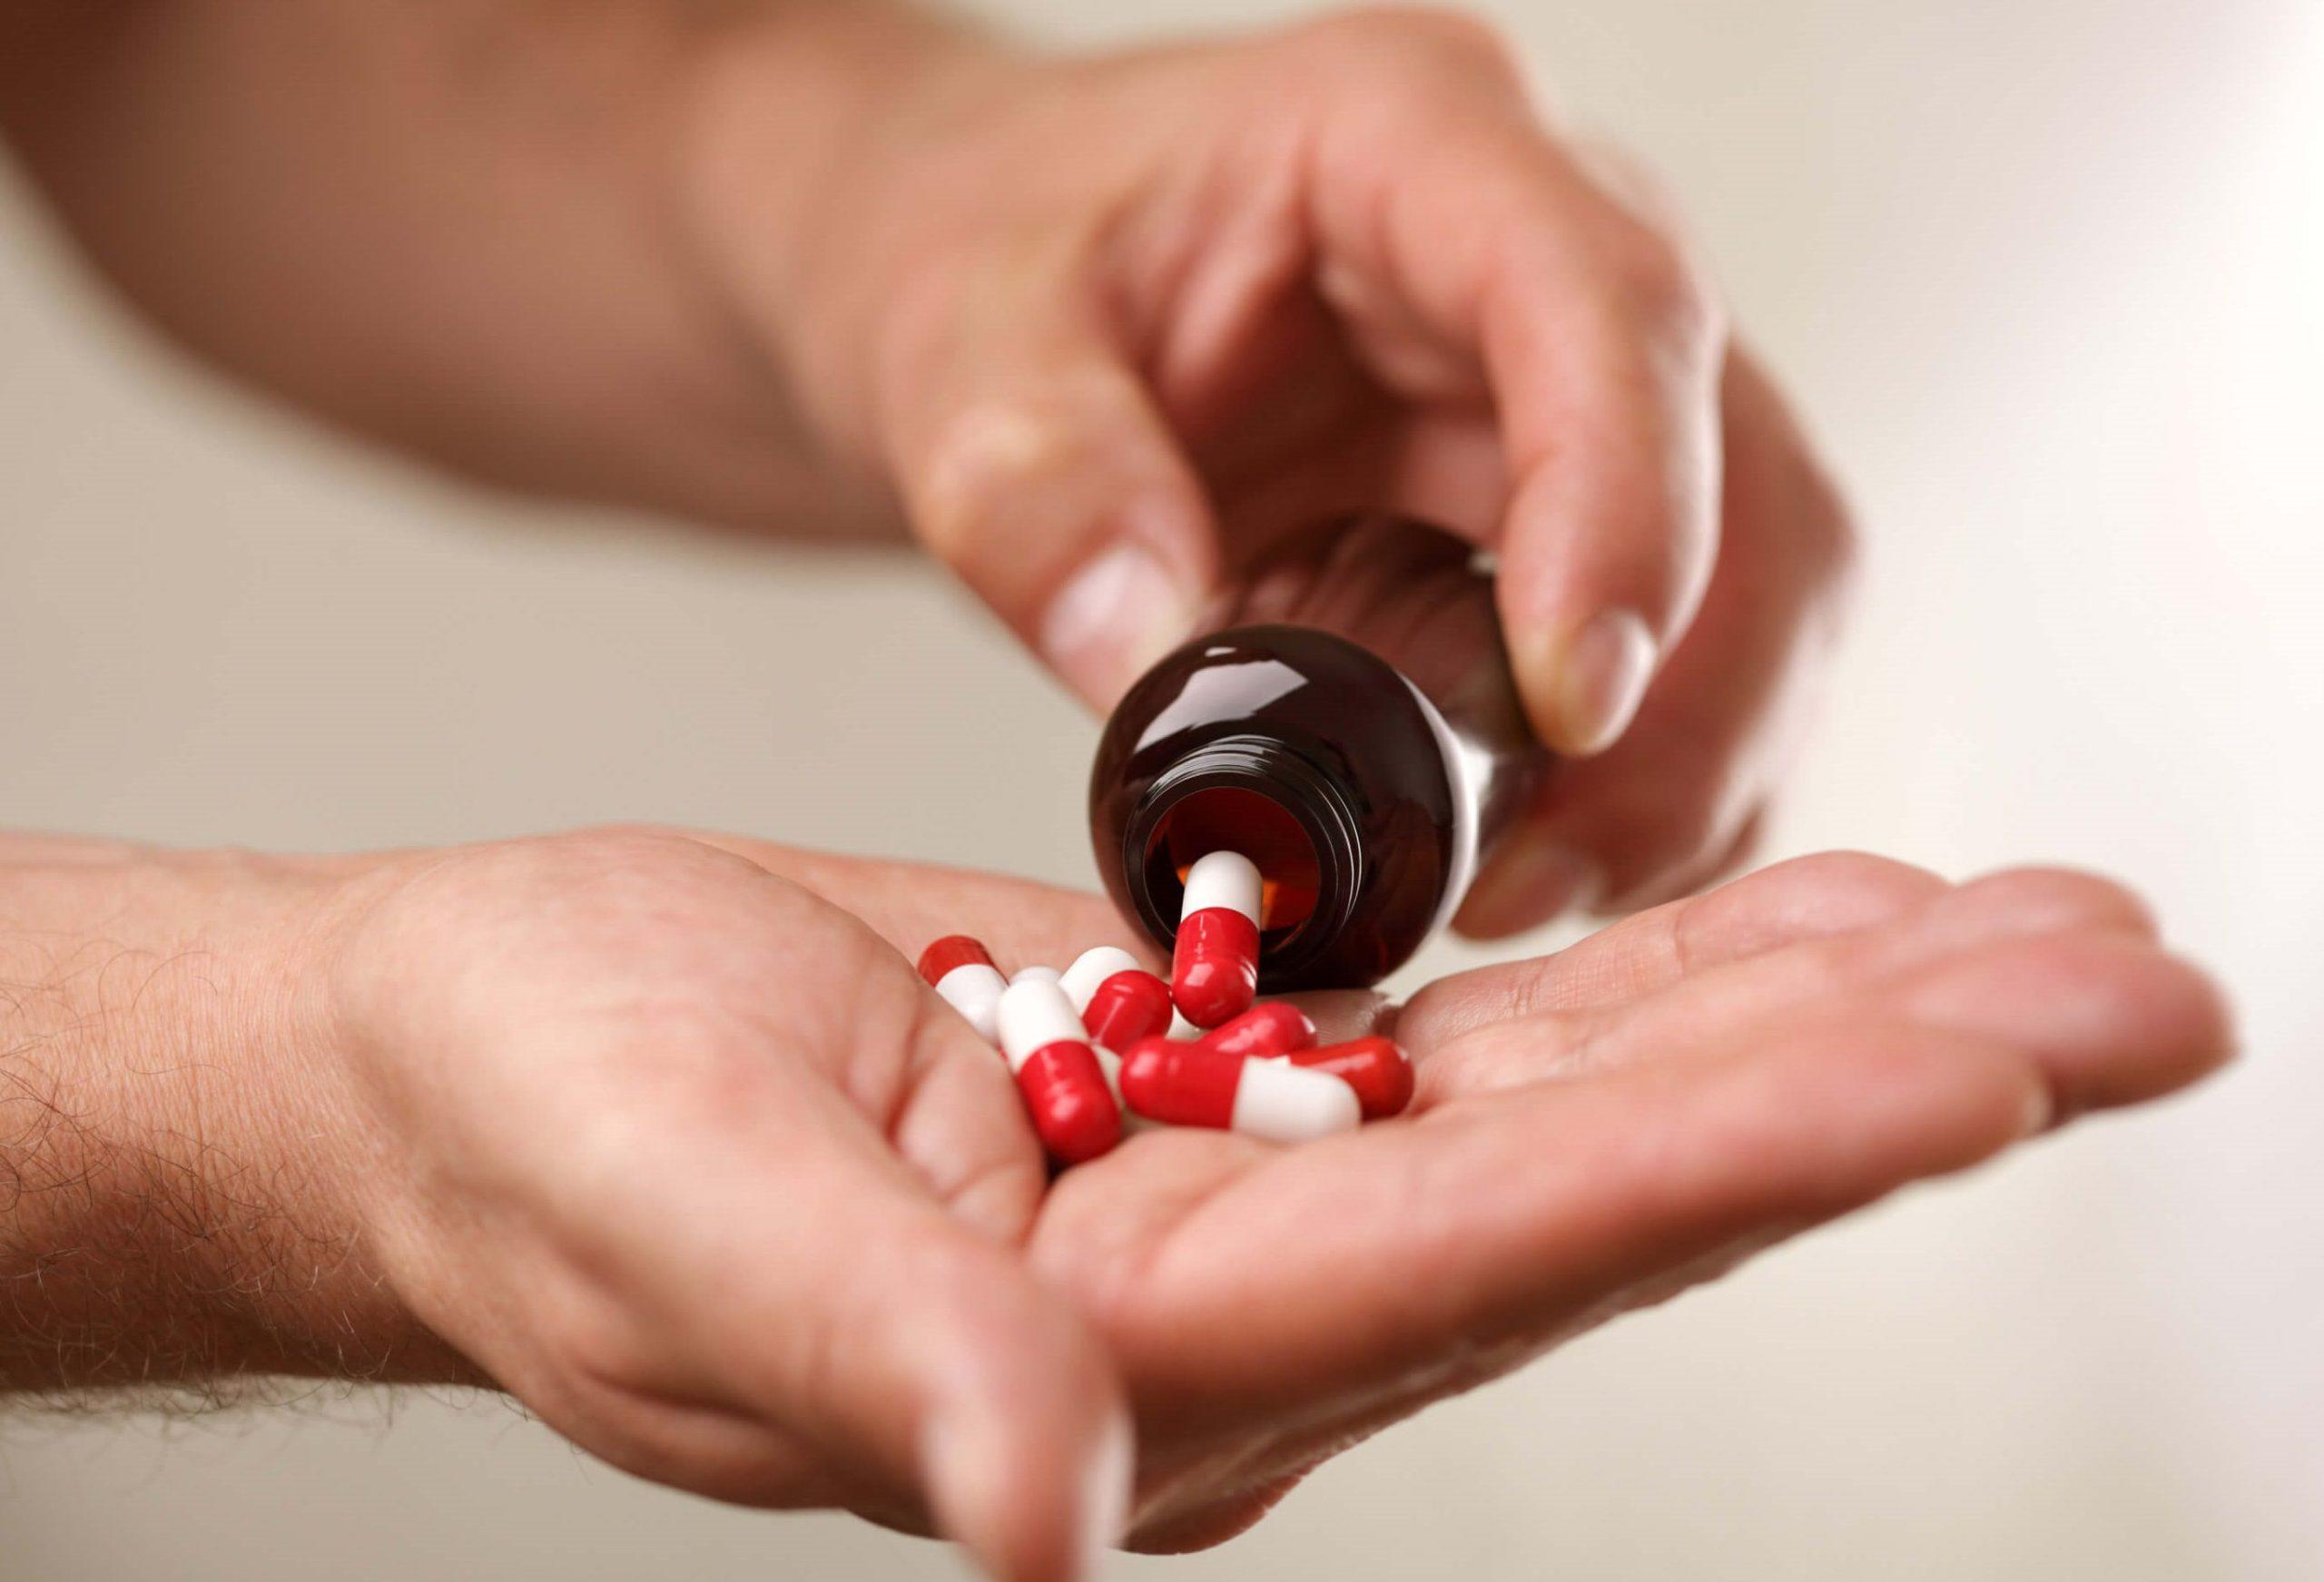 علاج الضغط المنخفض بالادويه